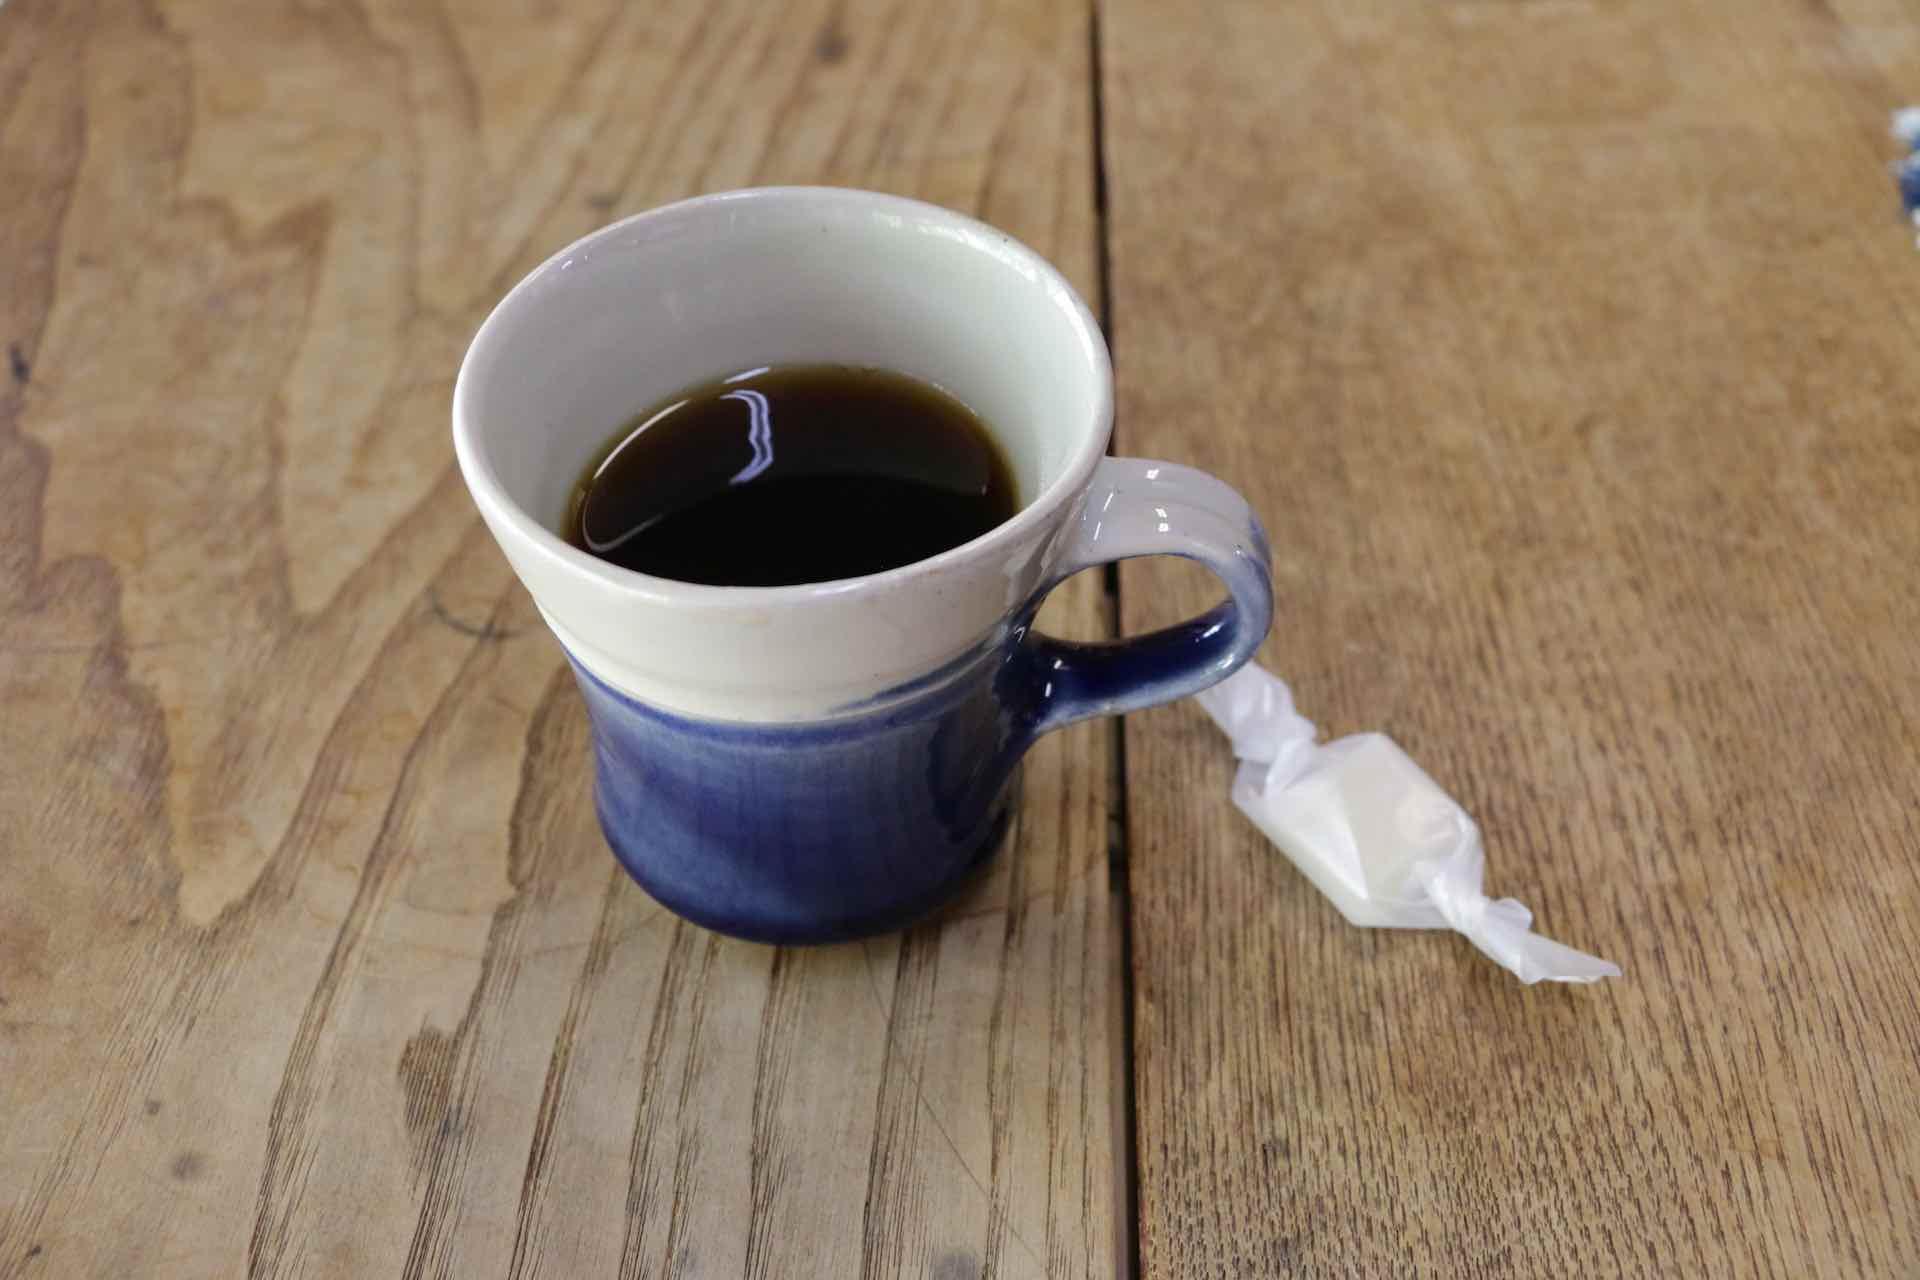 テーブルにご自由にどうぞと置いてある「生姜糖」と一緒にいただきます